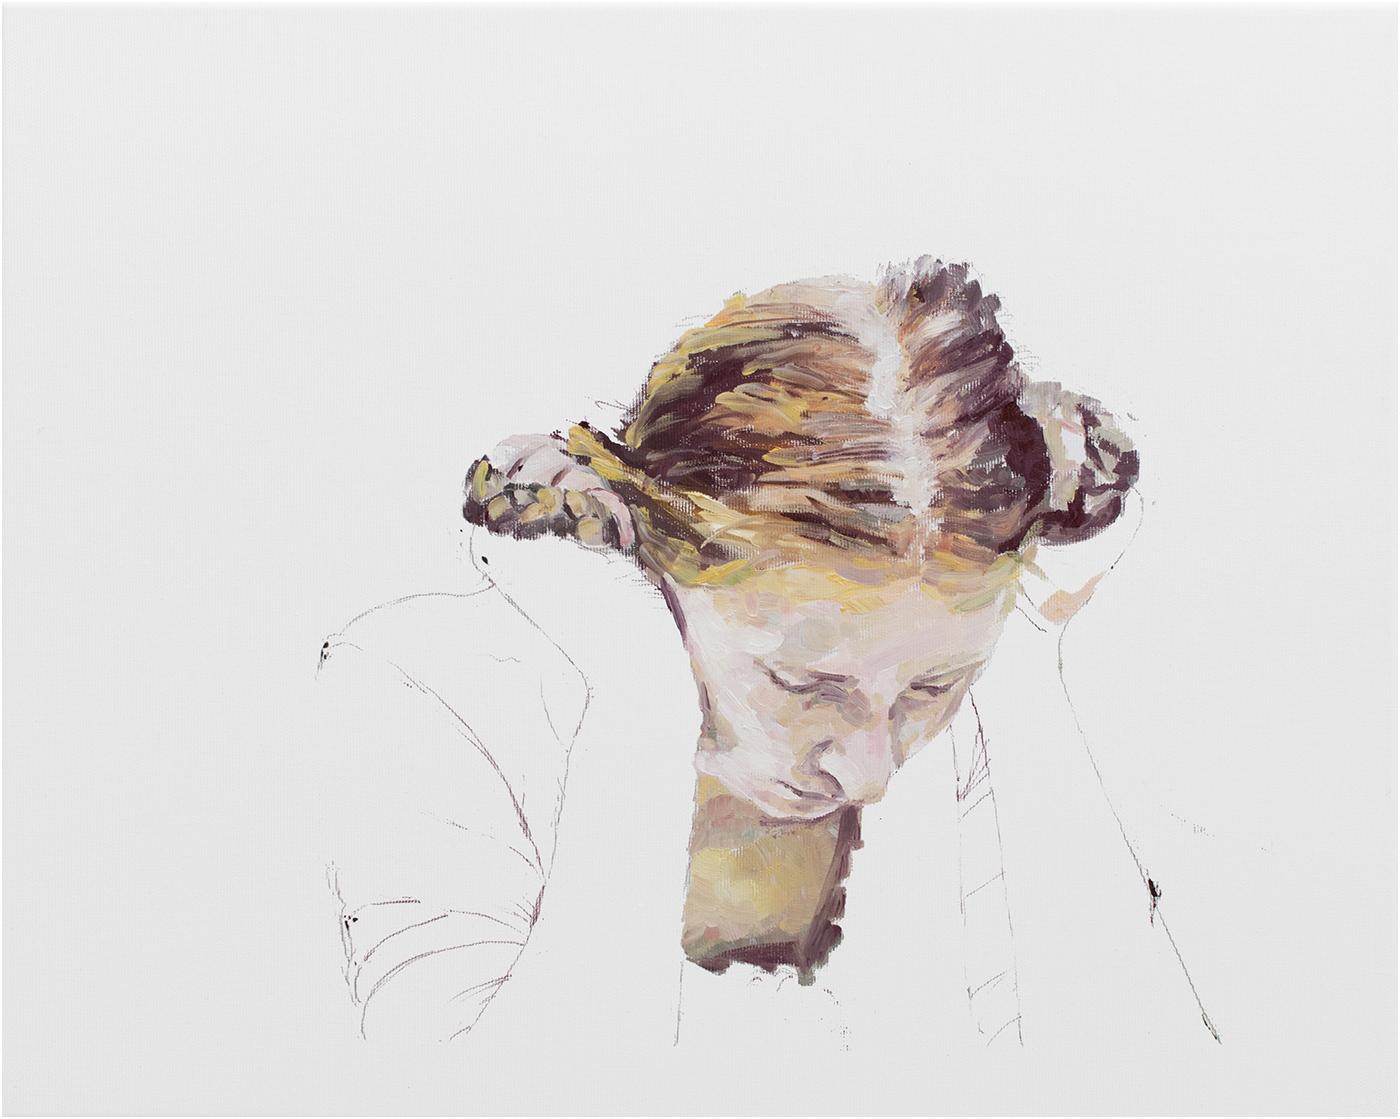 Andacht, 40 x 50 cm, Öl/Lwd., 2018